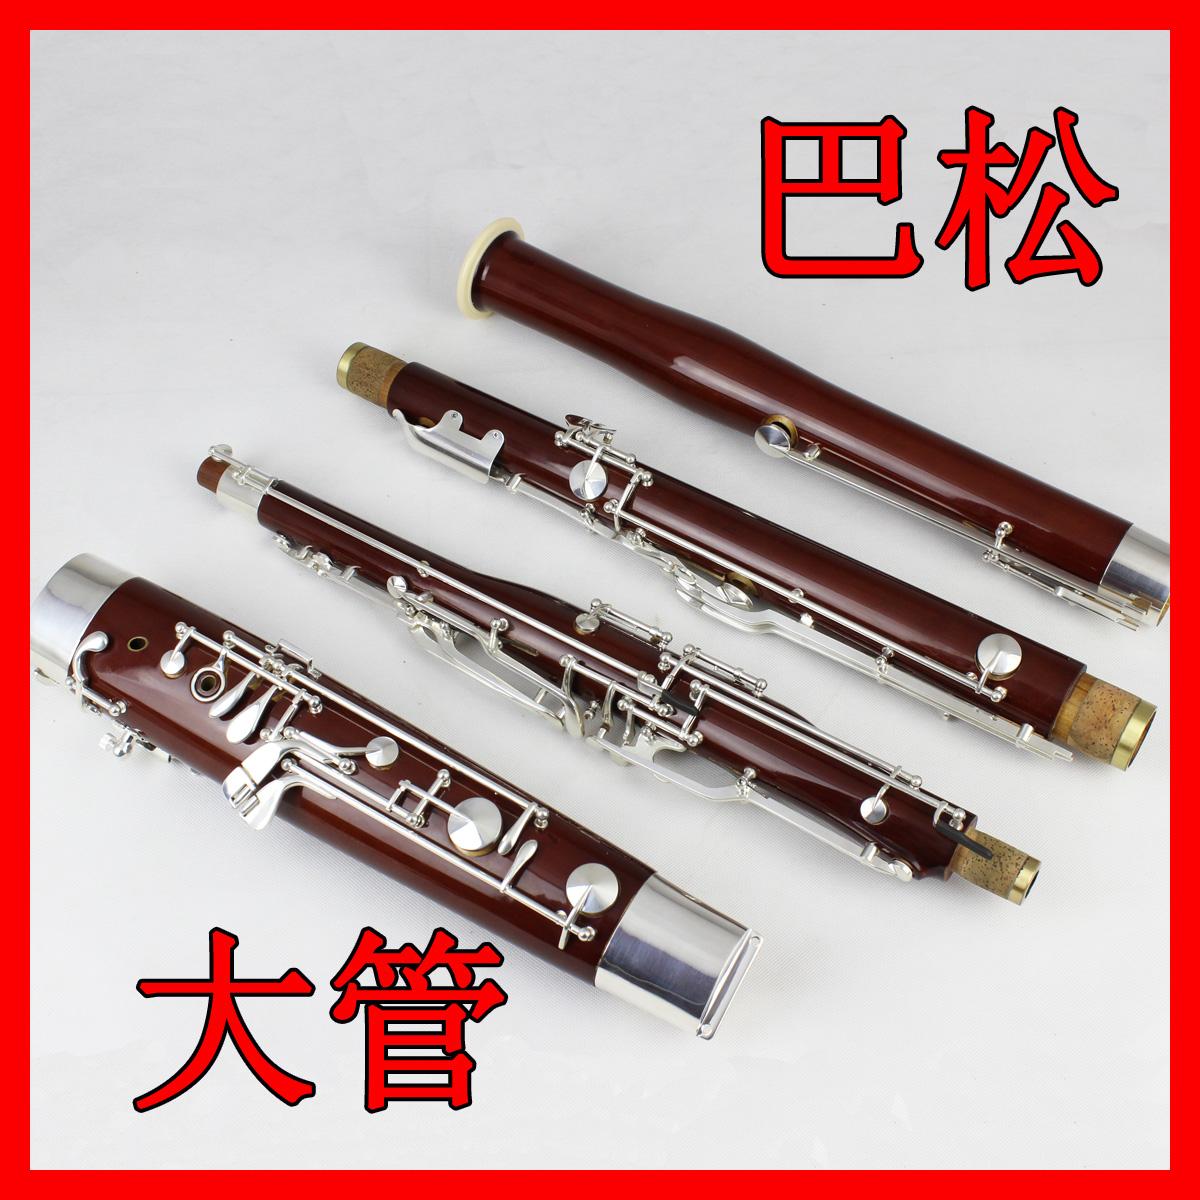 正品高档专业演奏乐团大管巴松低音大管双簧管镀银大管巴松管